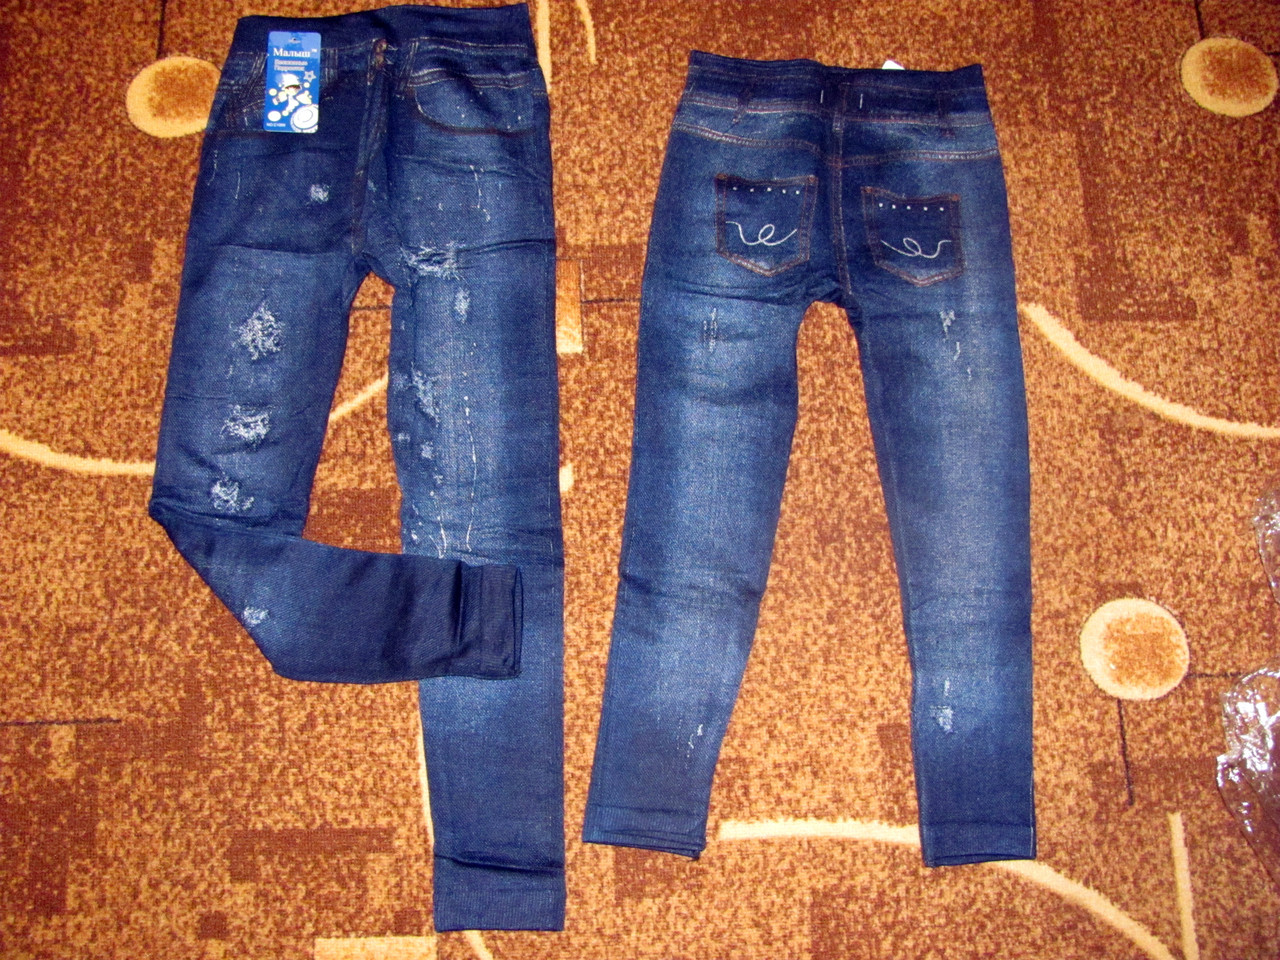 Детские лосины под джинс МАХРА размер L (4-5 лет), фото 1